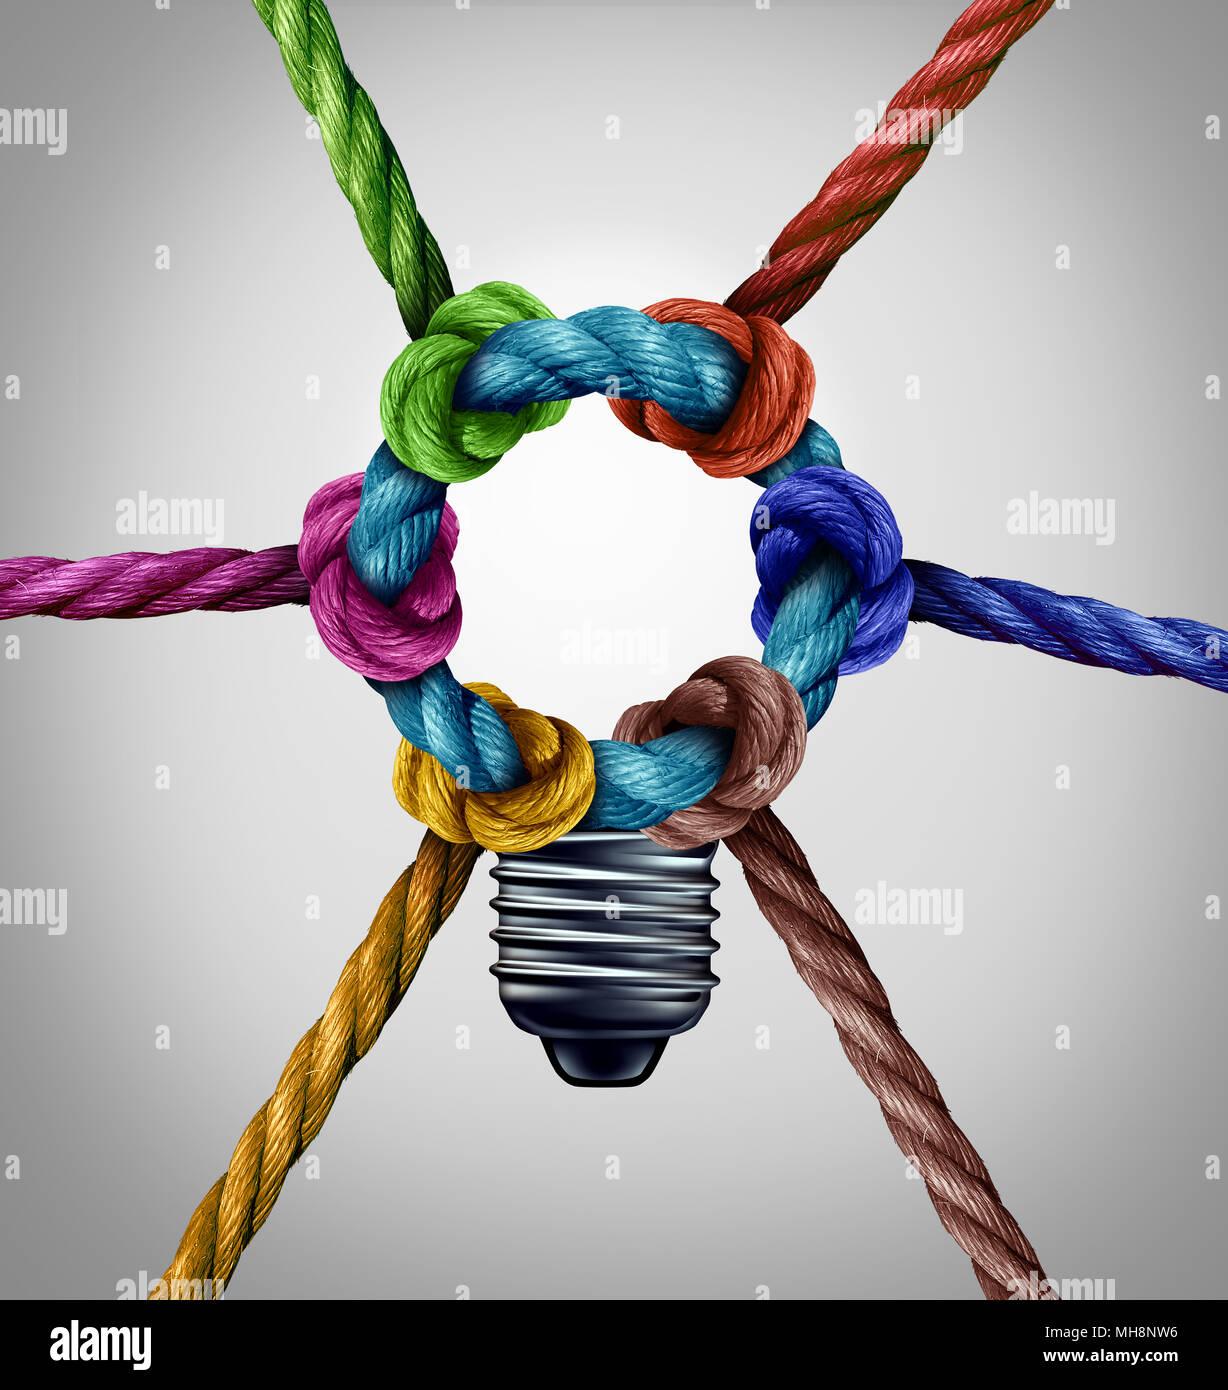 Zentrale Kreativität Konzept als Gruppe inspiration Verbindung Idee als diverse Seile gemeinsam als Team Symbol mit 3D-Illustration Elemente gebunden. Stockbild